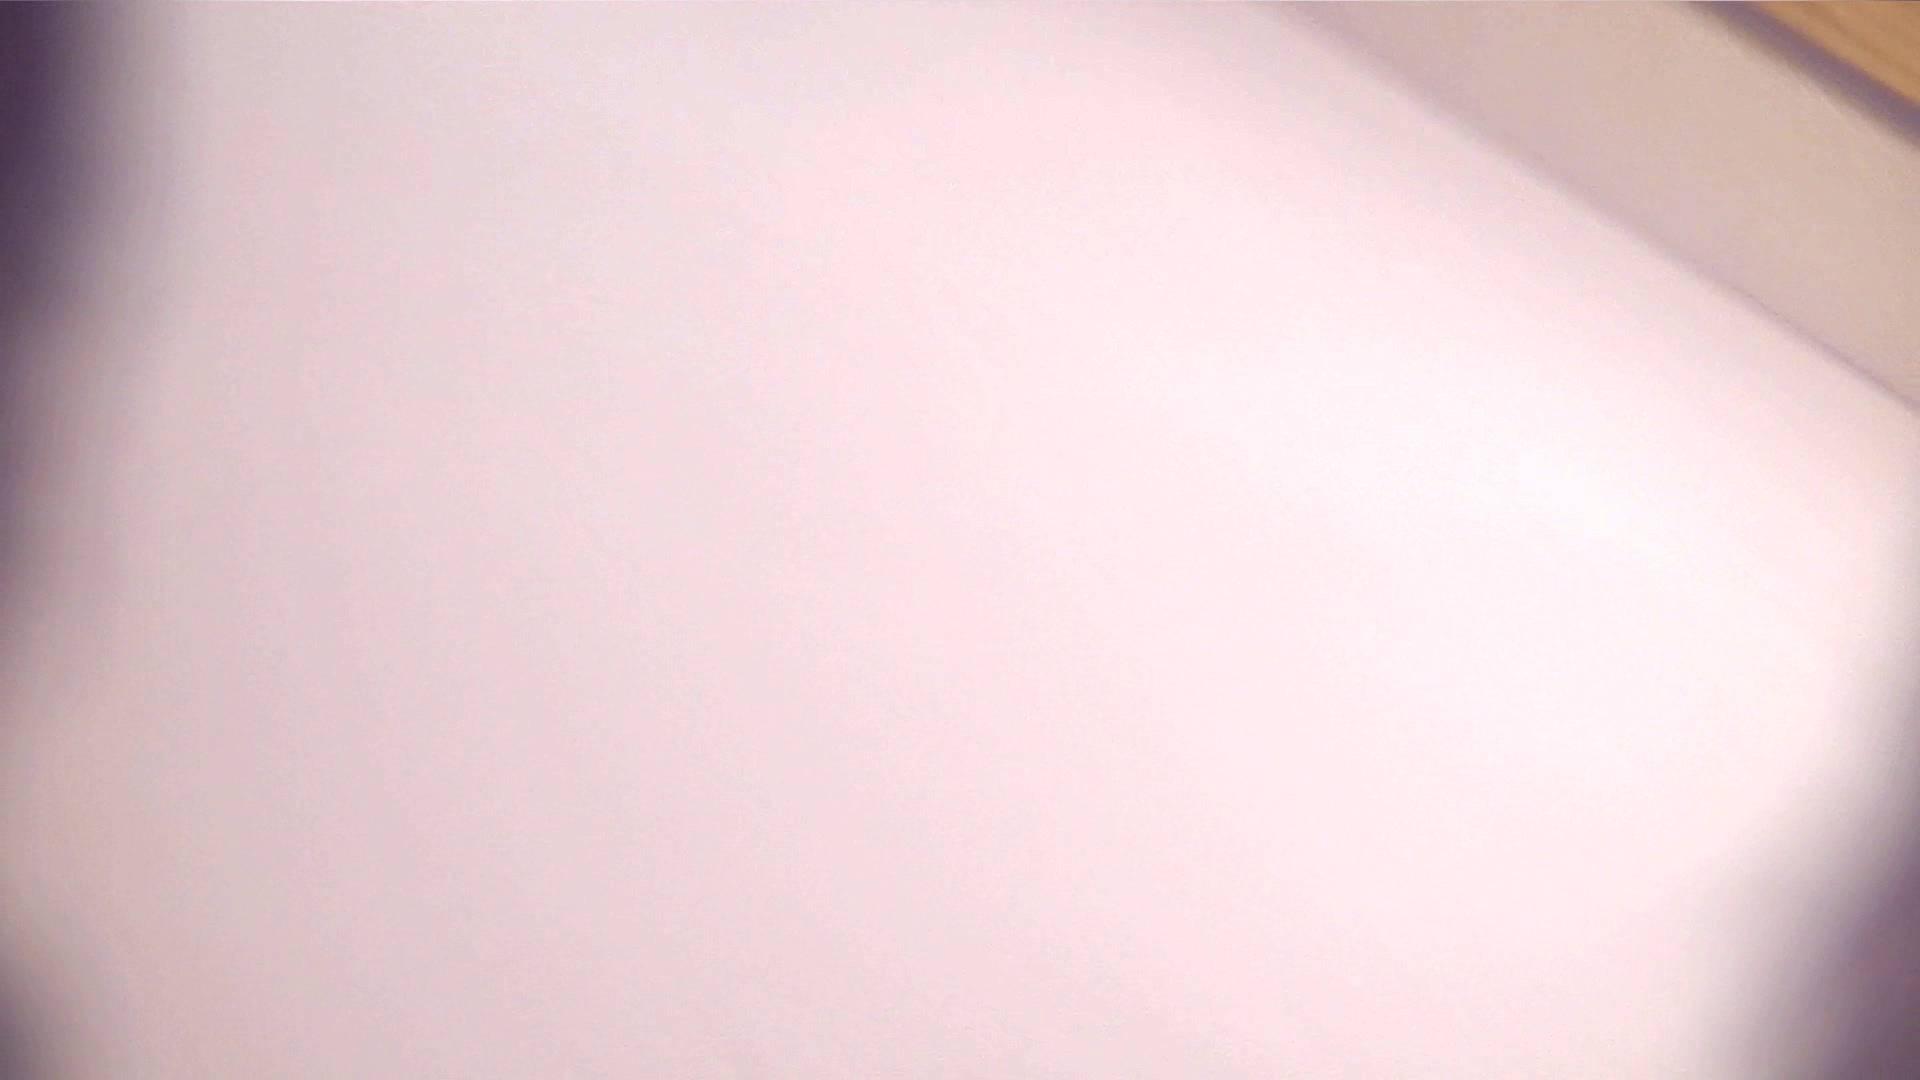 阿国ちゃんの「和式洋式七変化」No.9 洗面所 セックス画像 52枚